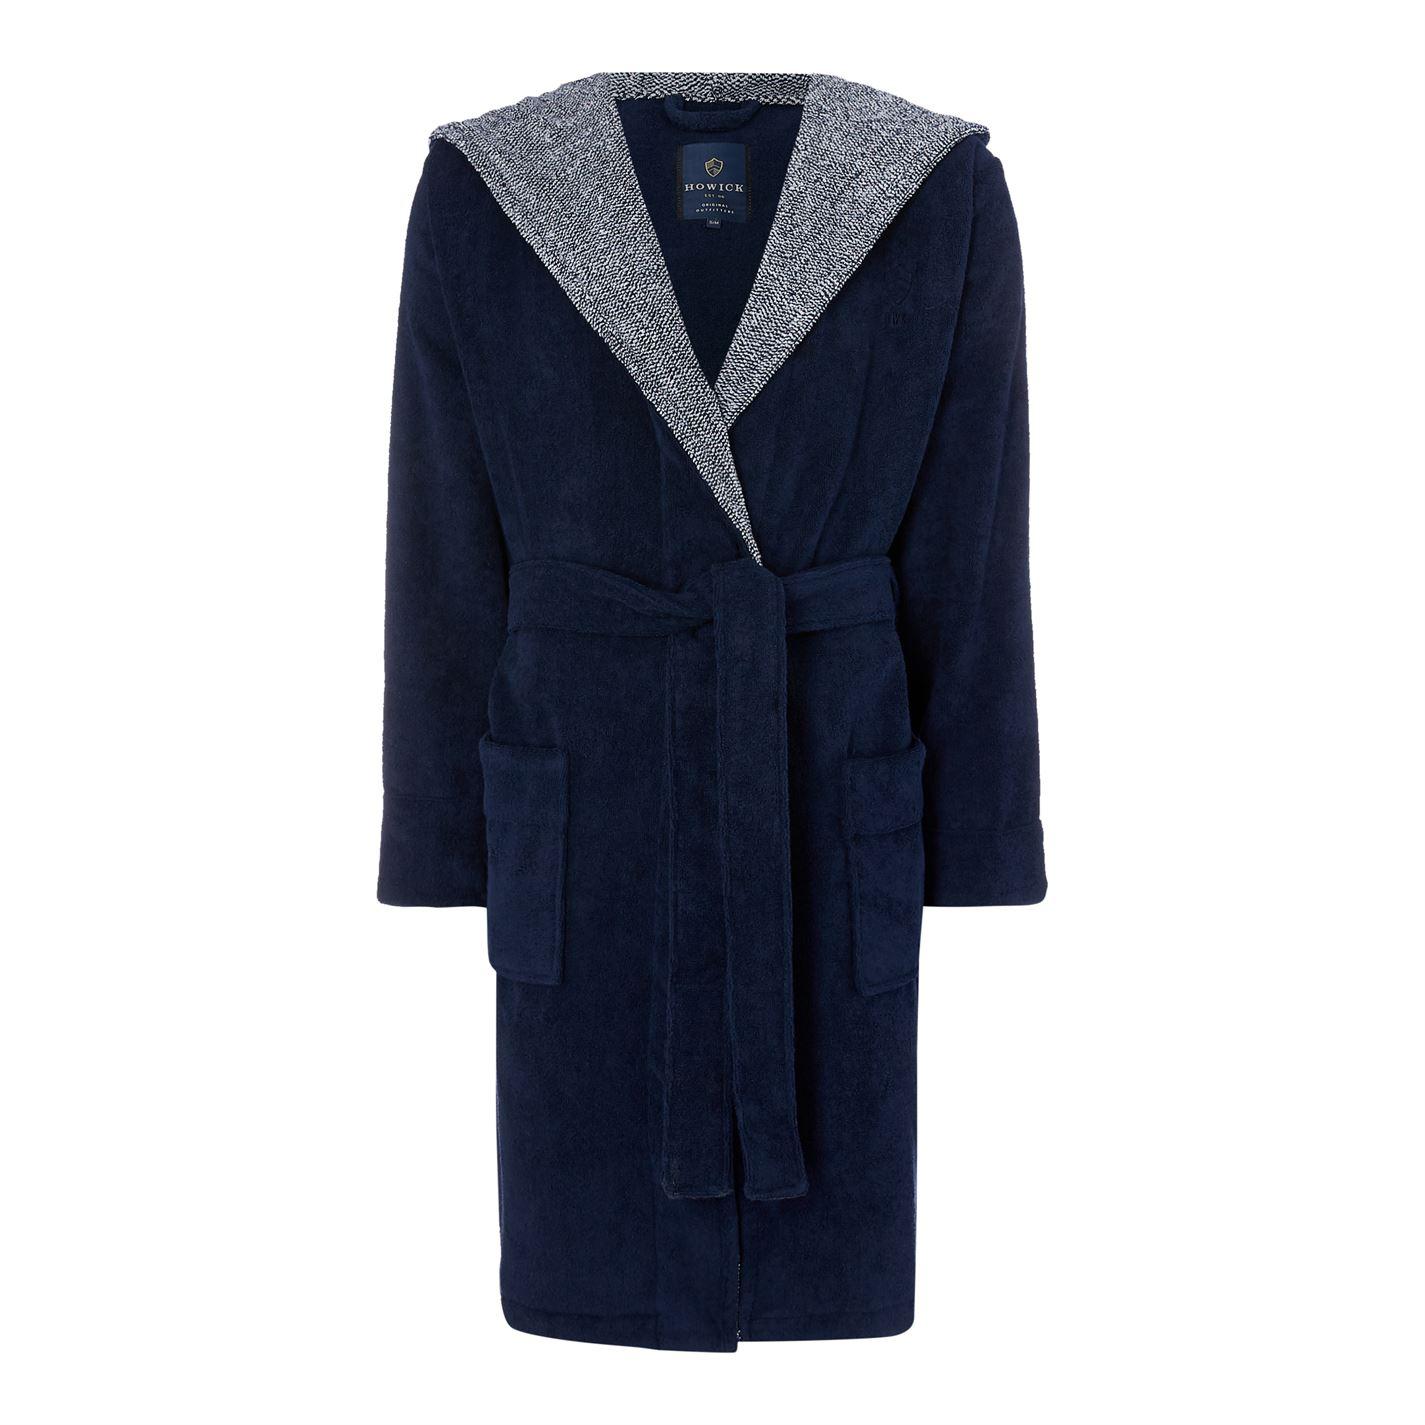 Howick DG Hooded Robe92